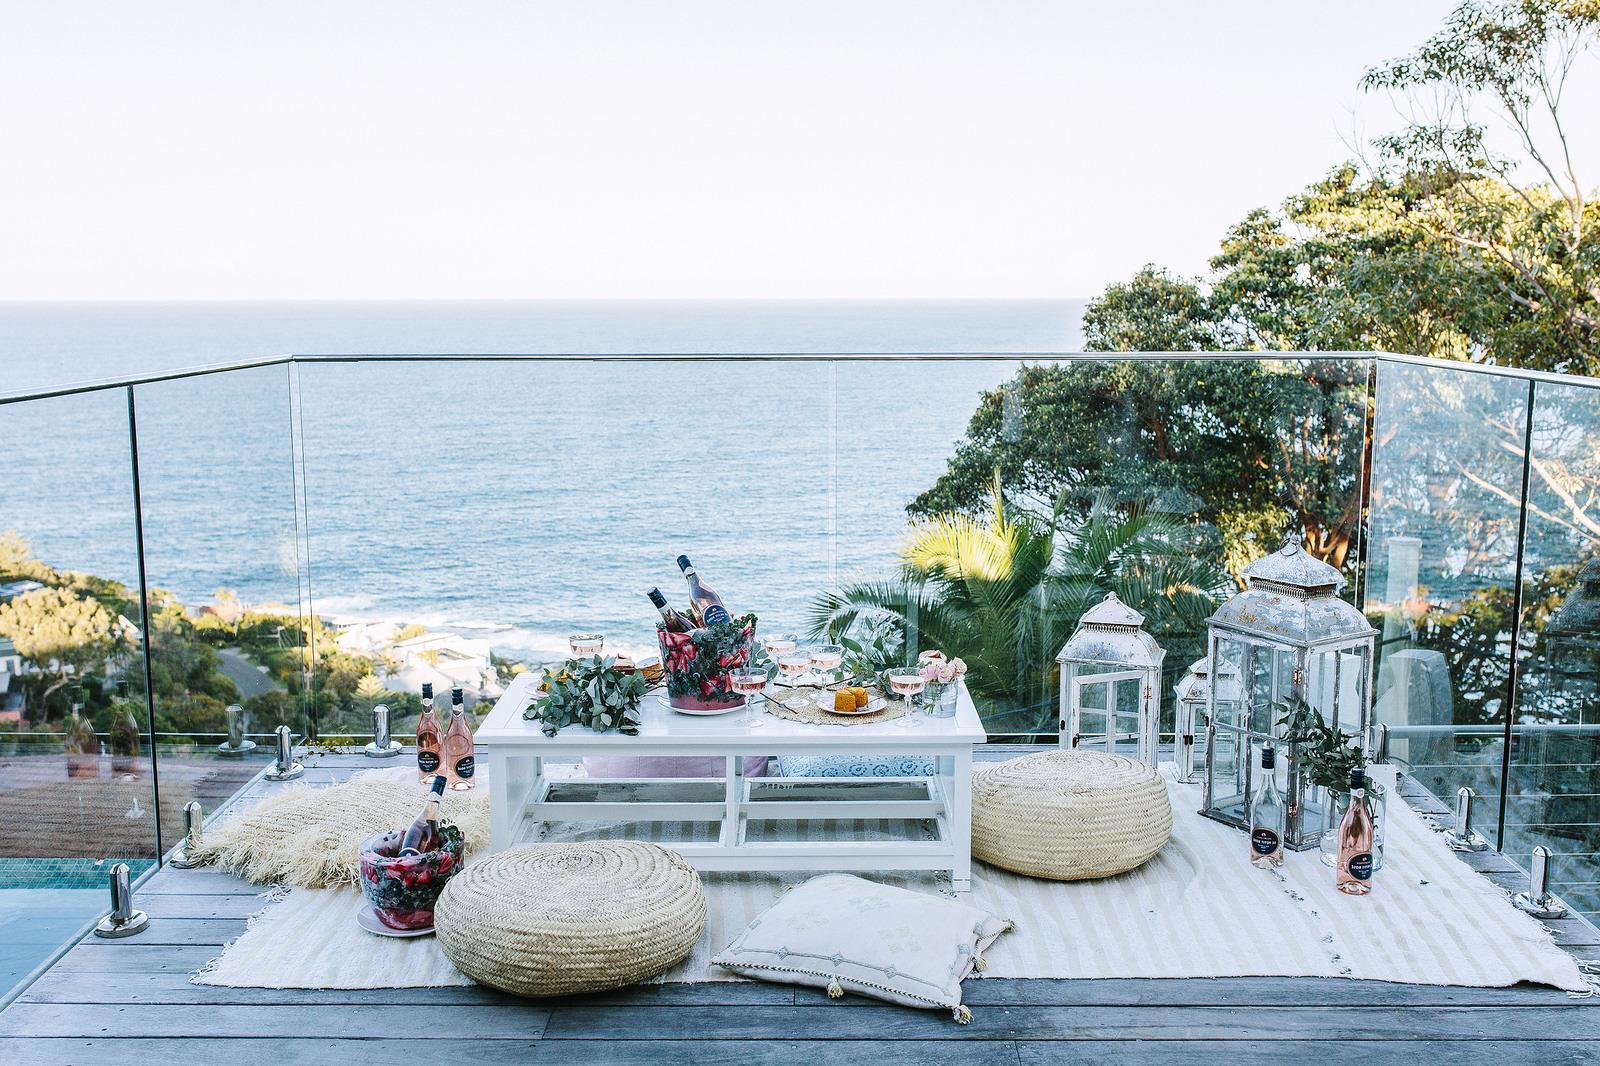 Sagen Sie Willkommen zur Party mit unseren tollen Ideen für den Gästenempgang: Einen gefrorenen Sekthalter mit Beeren und Blumen und Eiswürfel selber machen